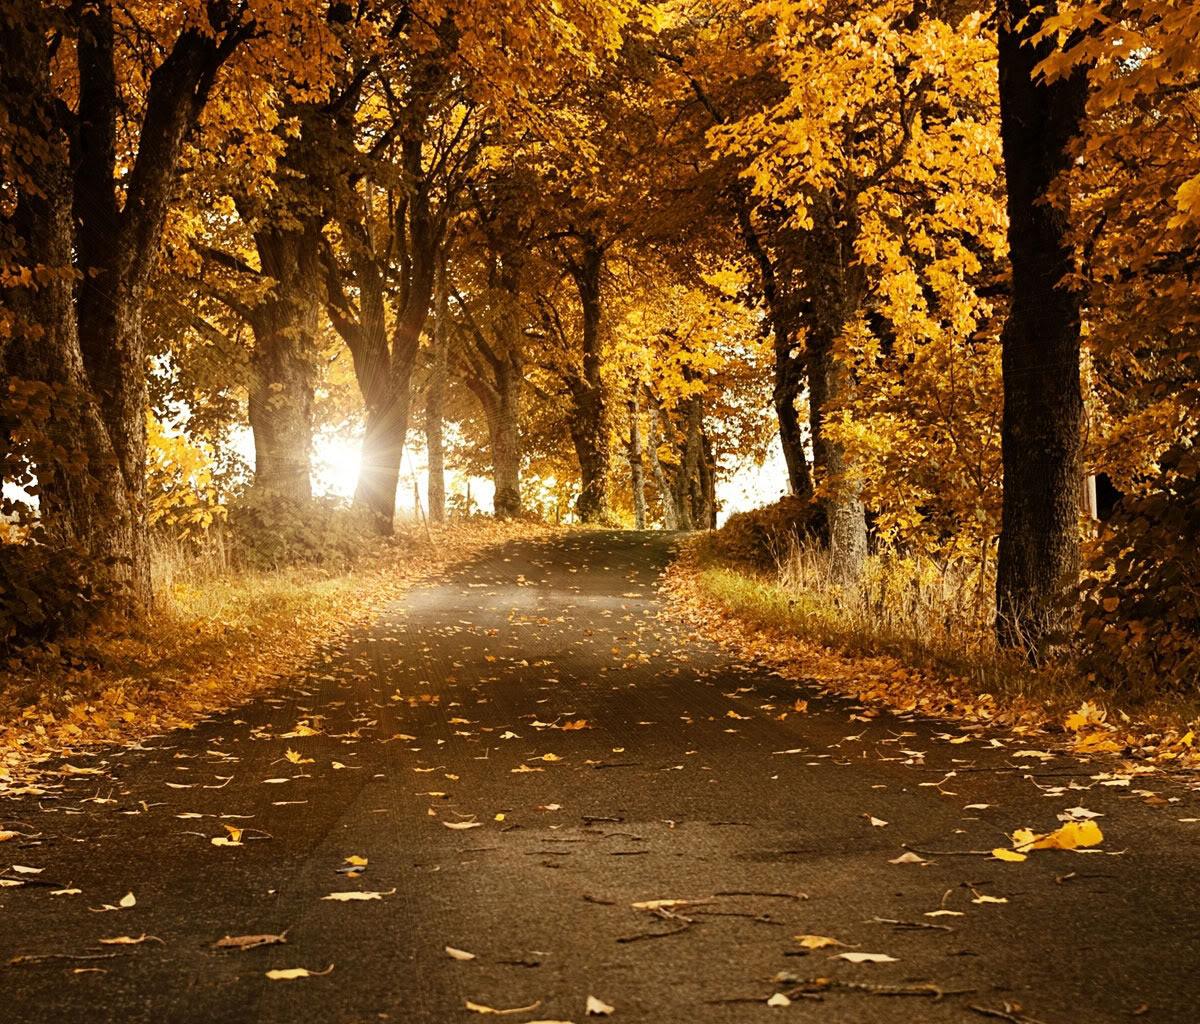 free 1200X1024 autumn roadway 1200X1024 wallpaper screensaver preview 1200x1024